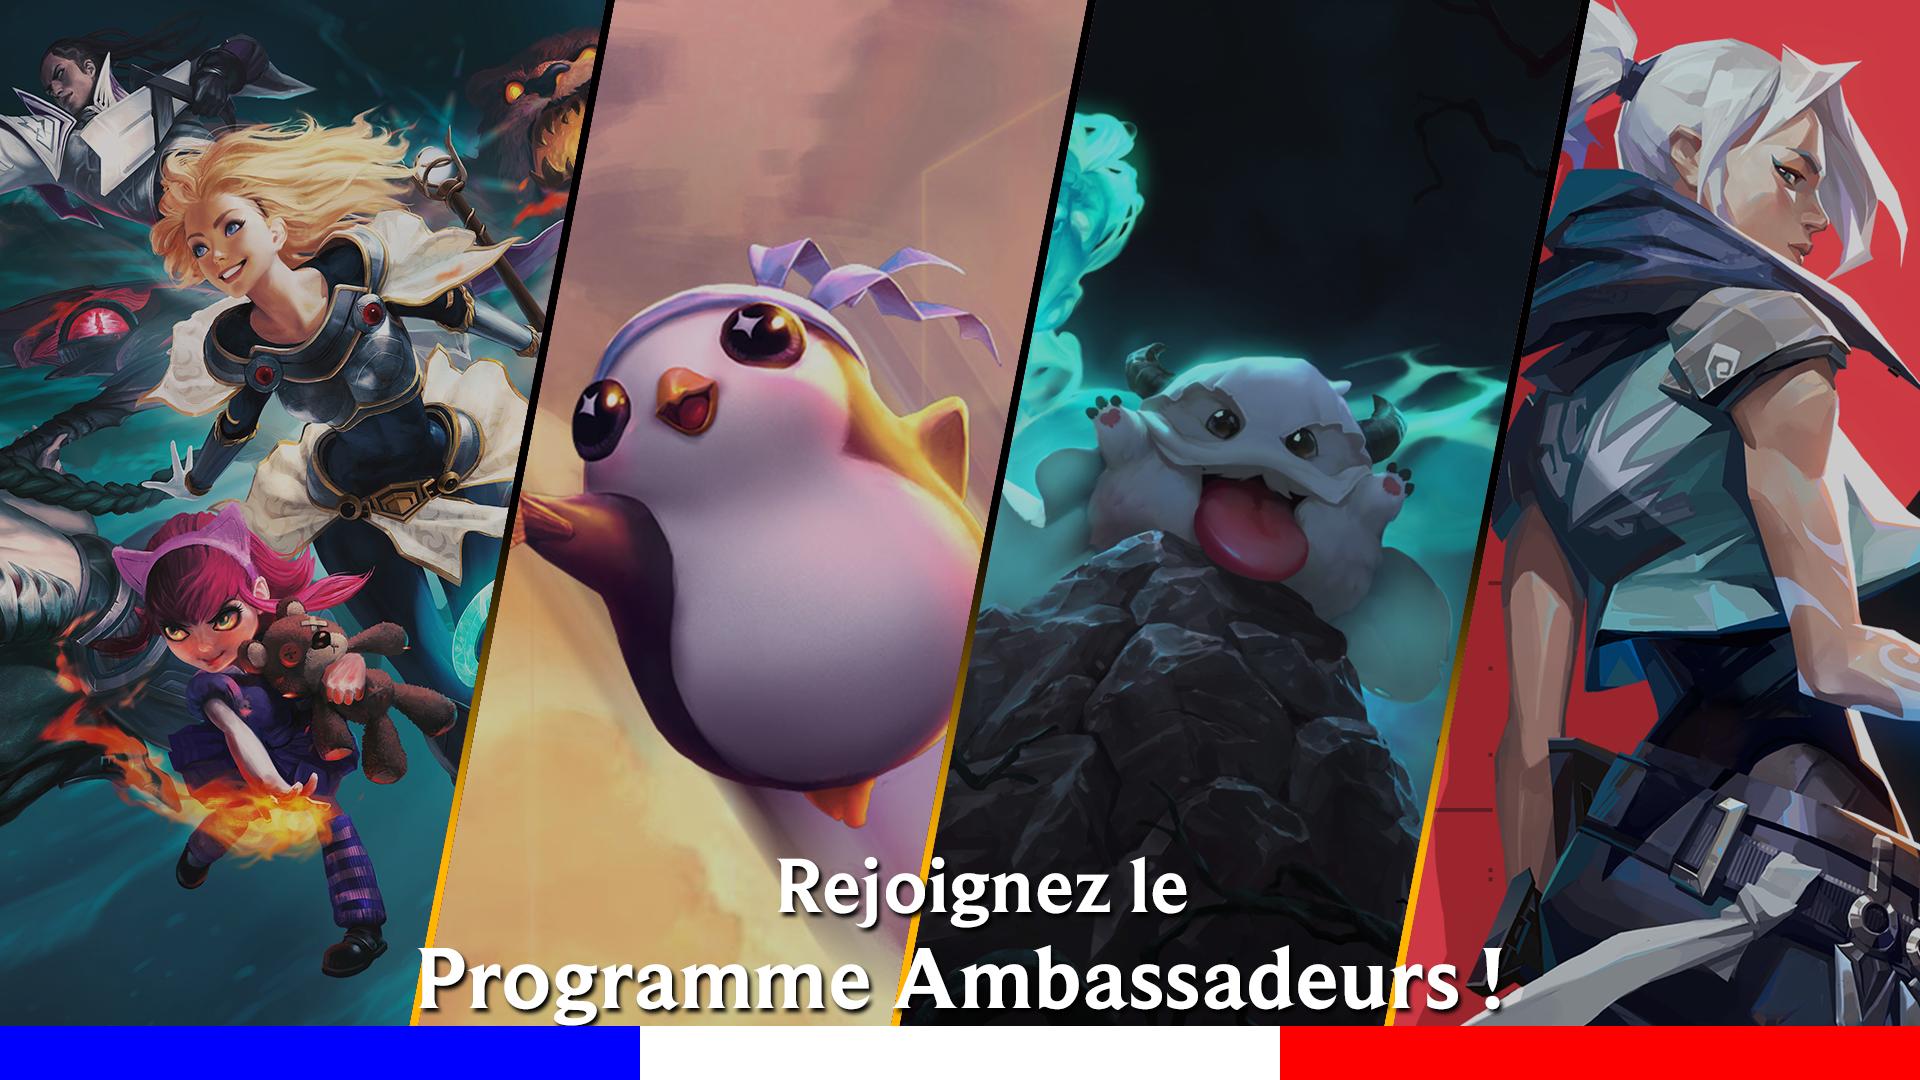 Programme Ambassadeurs de Riot Games : comment le rejoindre ?